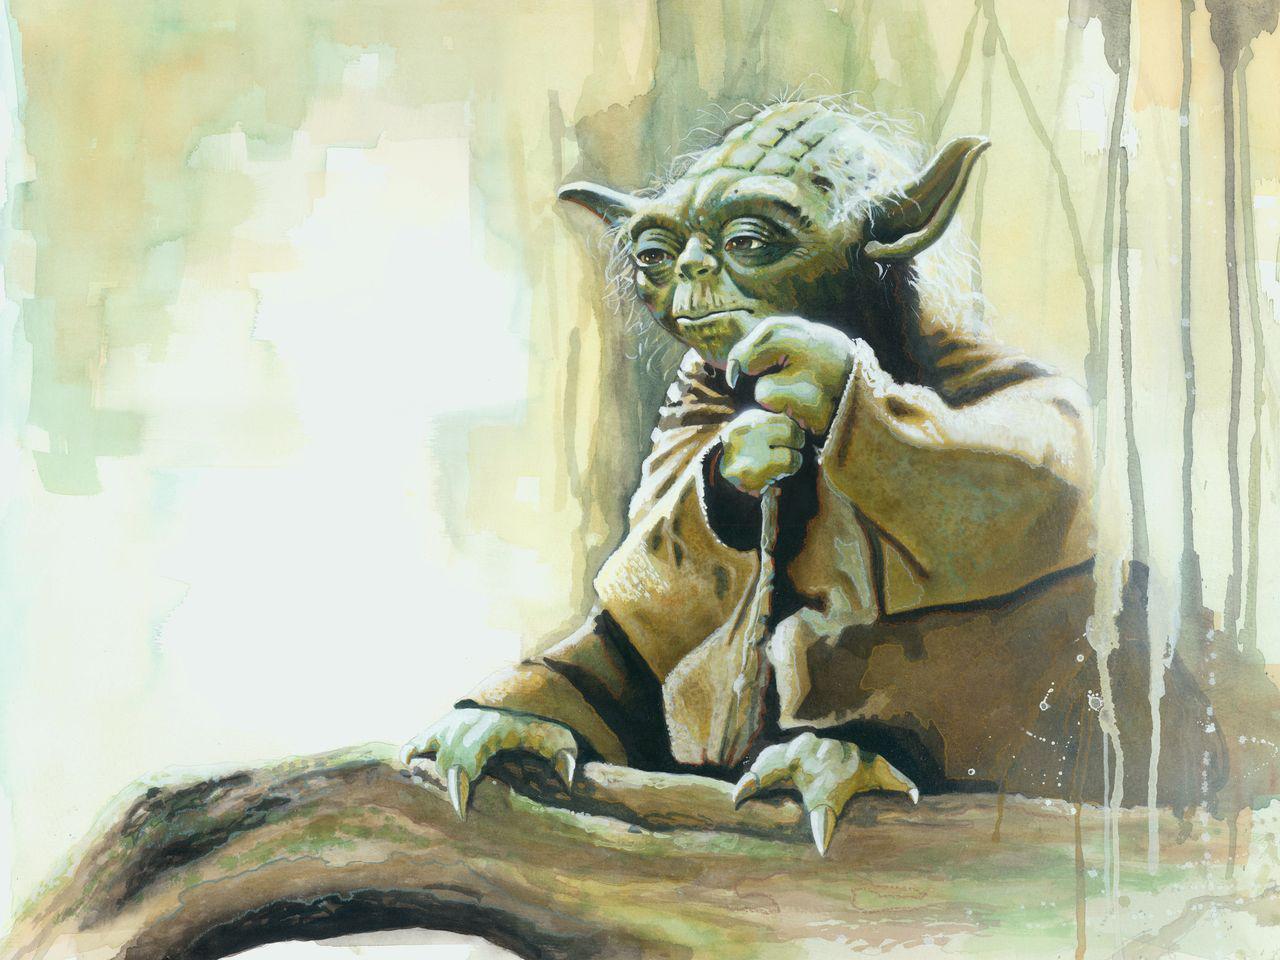 01-Yoda